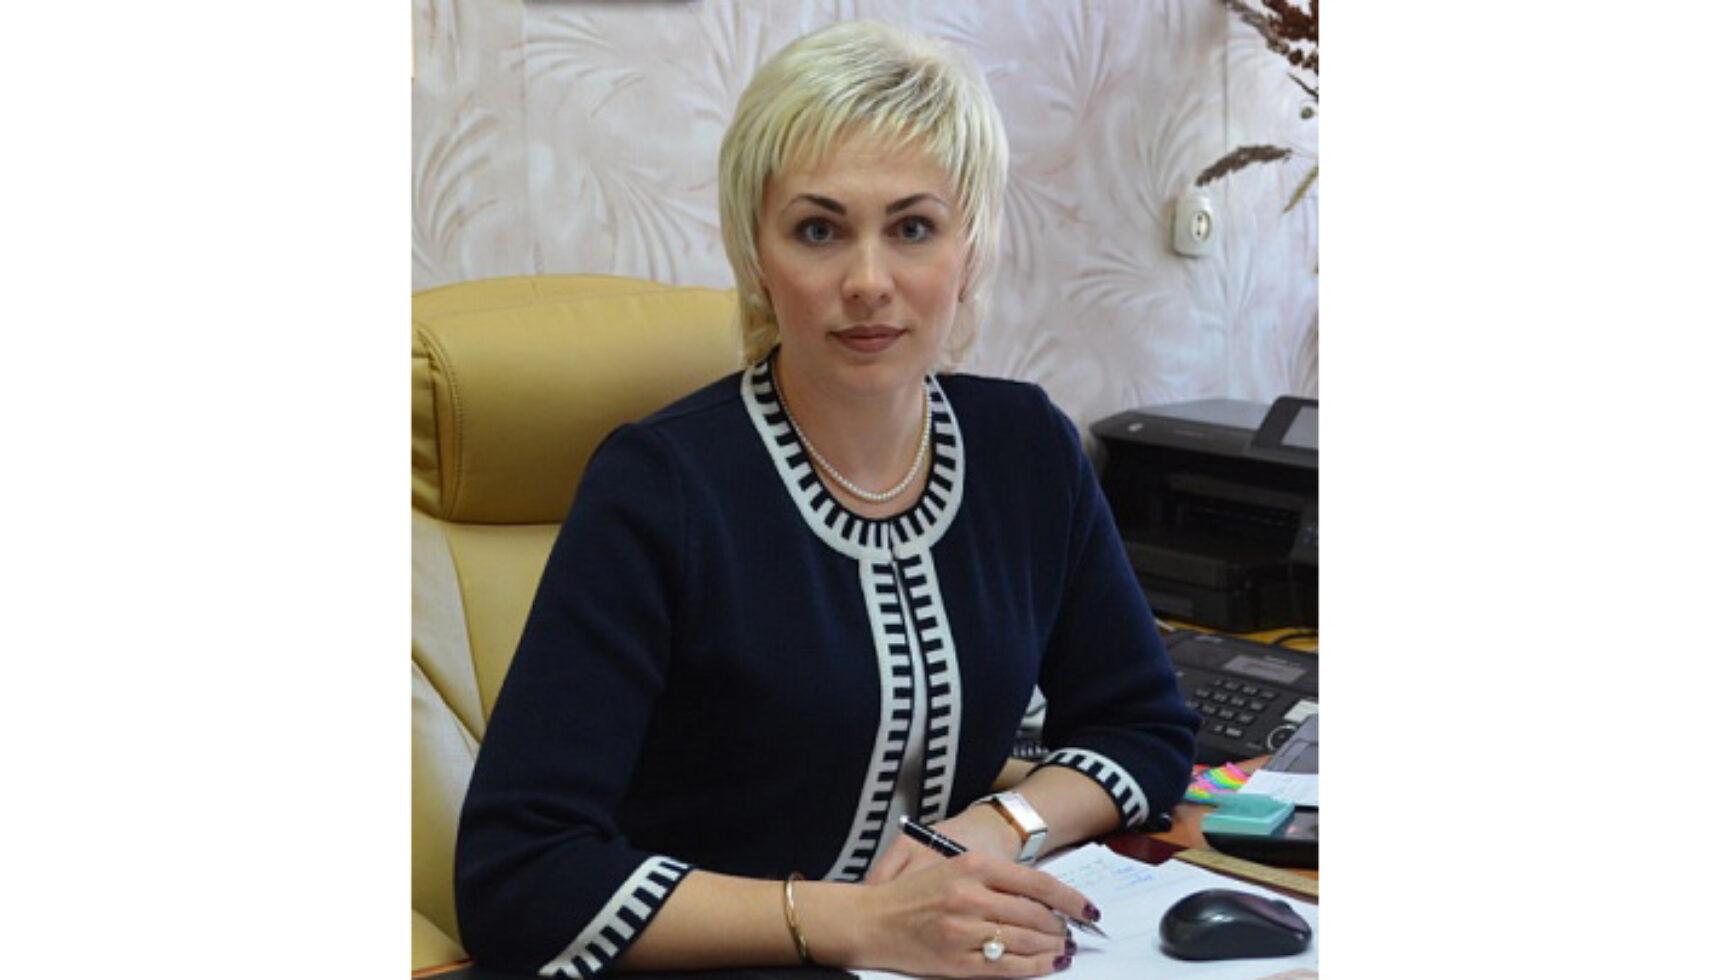 Поздравляем Ушакову Елену Васильевну, руководителя аппарата муниципального образования Богородицкий район, с Днем рождения!